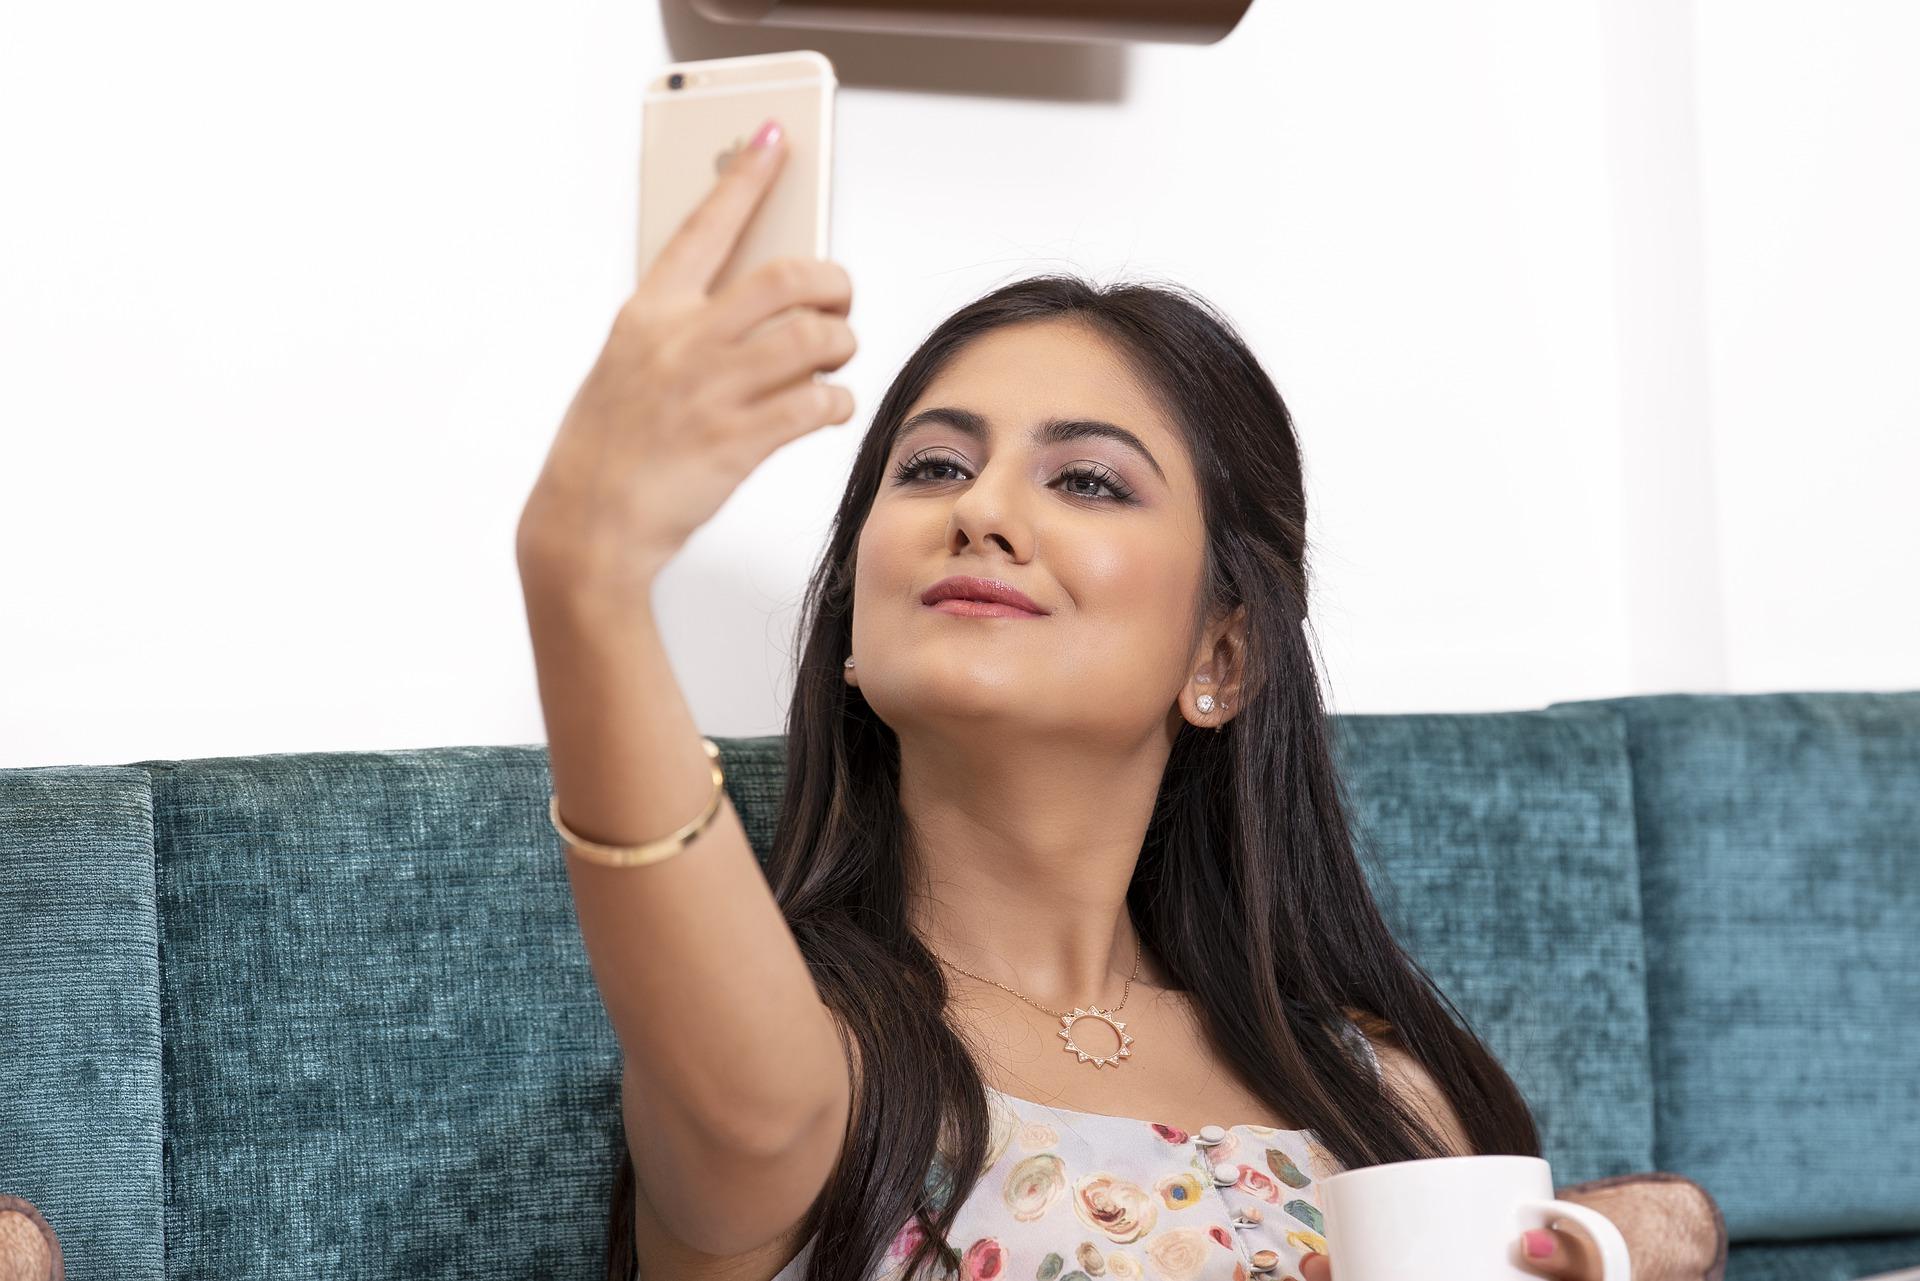 selfie 4255887 1920